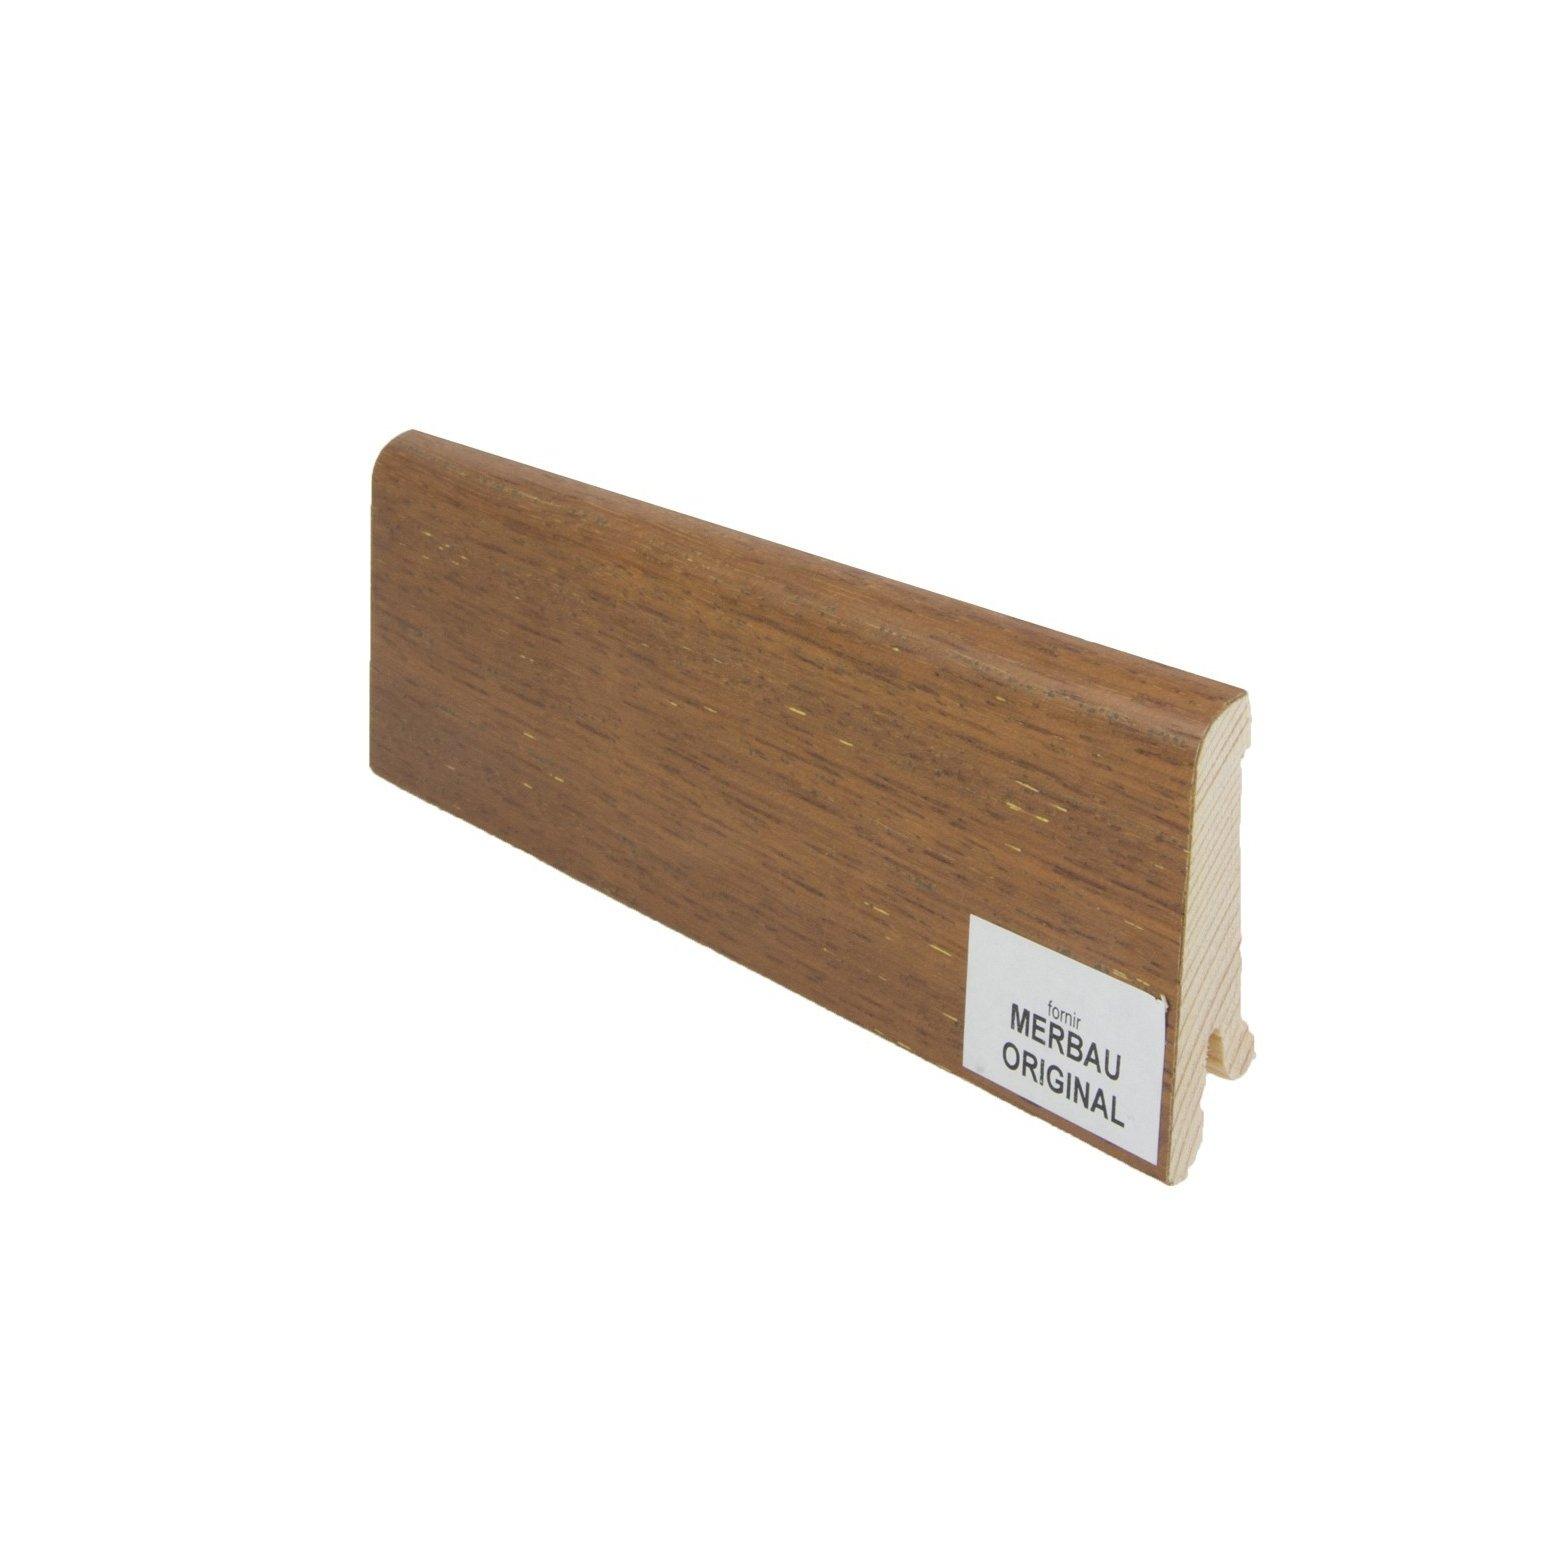 Drewniany cokół przypodłogowy (60/14 mm) MERBAU ORIGINAL Pedross - 1